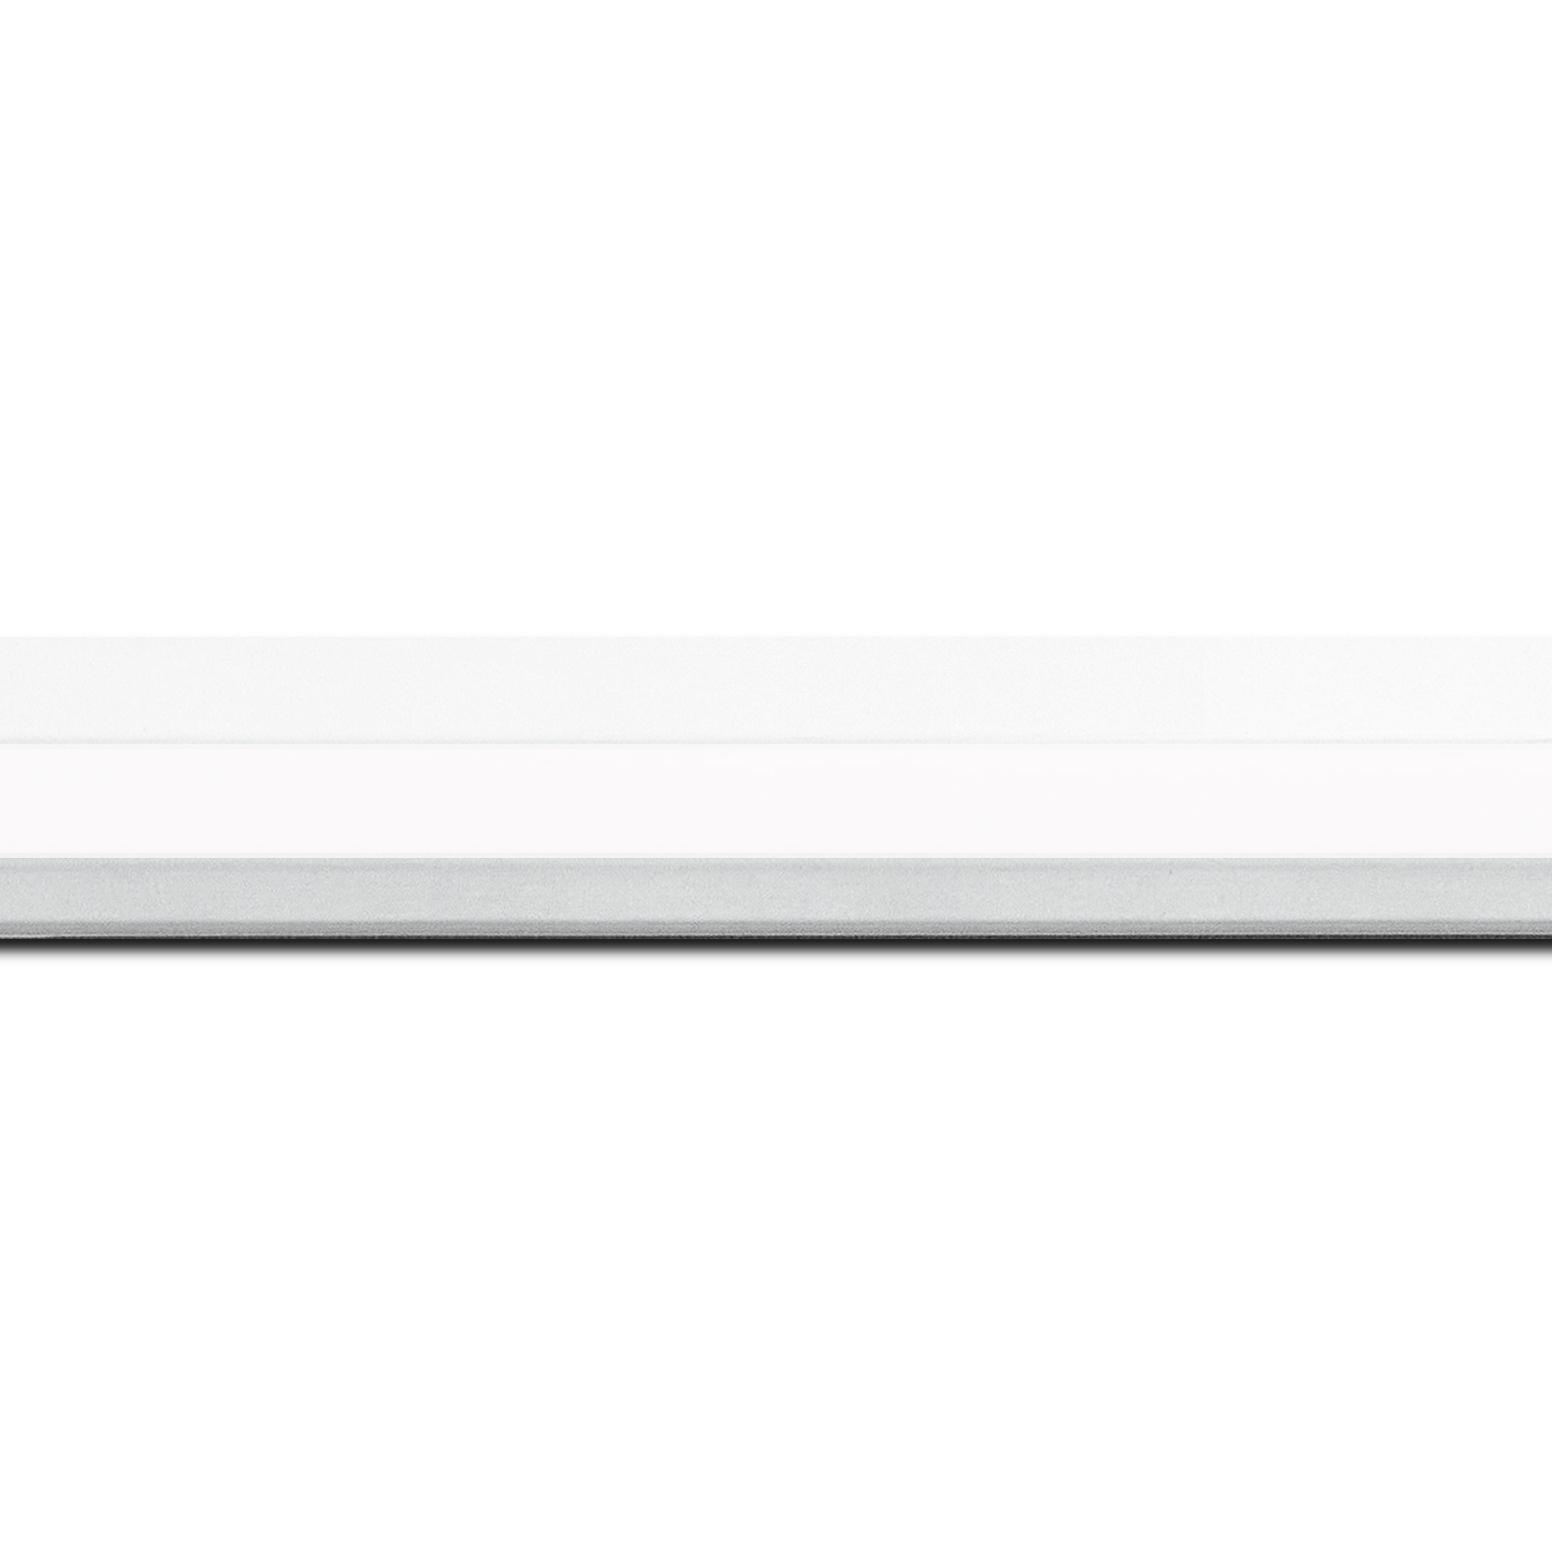 Baguette longueur 1.40m bois profil plat profil plat 3 faces largeur 2.8cm de couleur blanc mat finition pore bouché